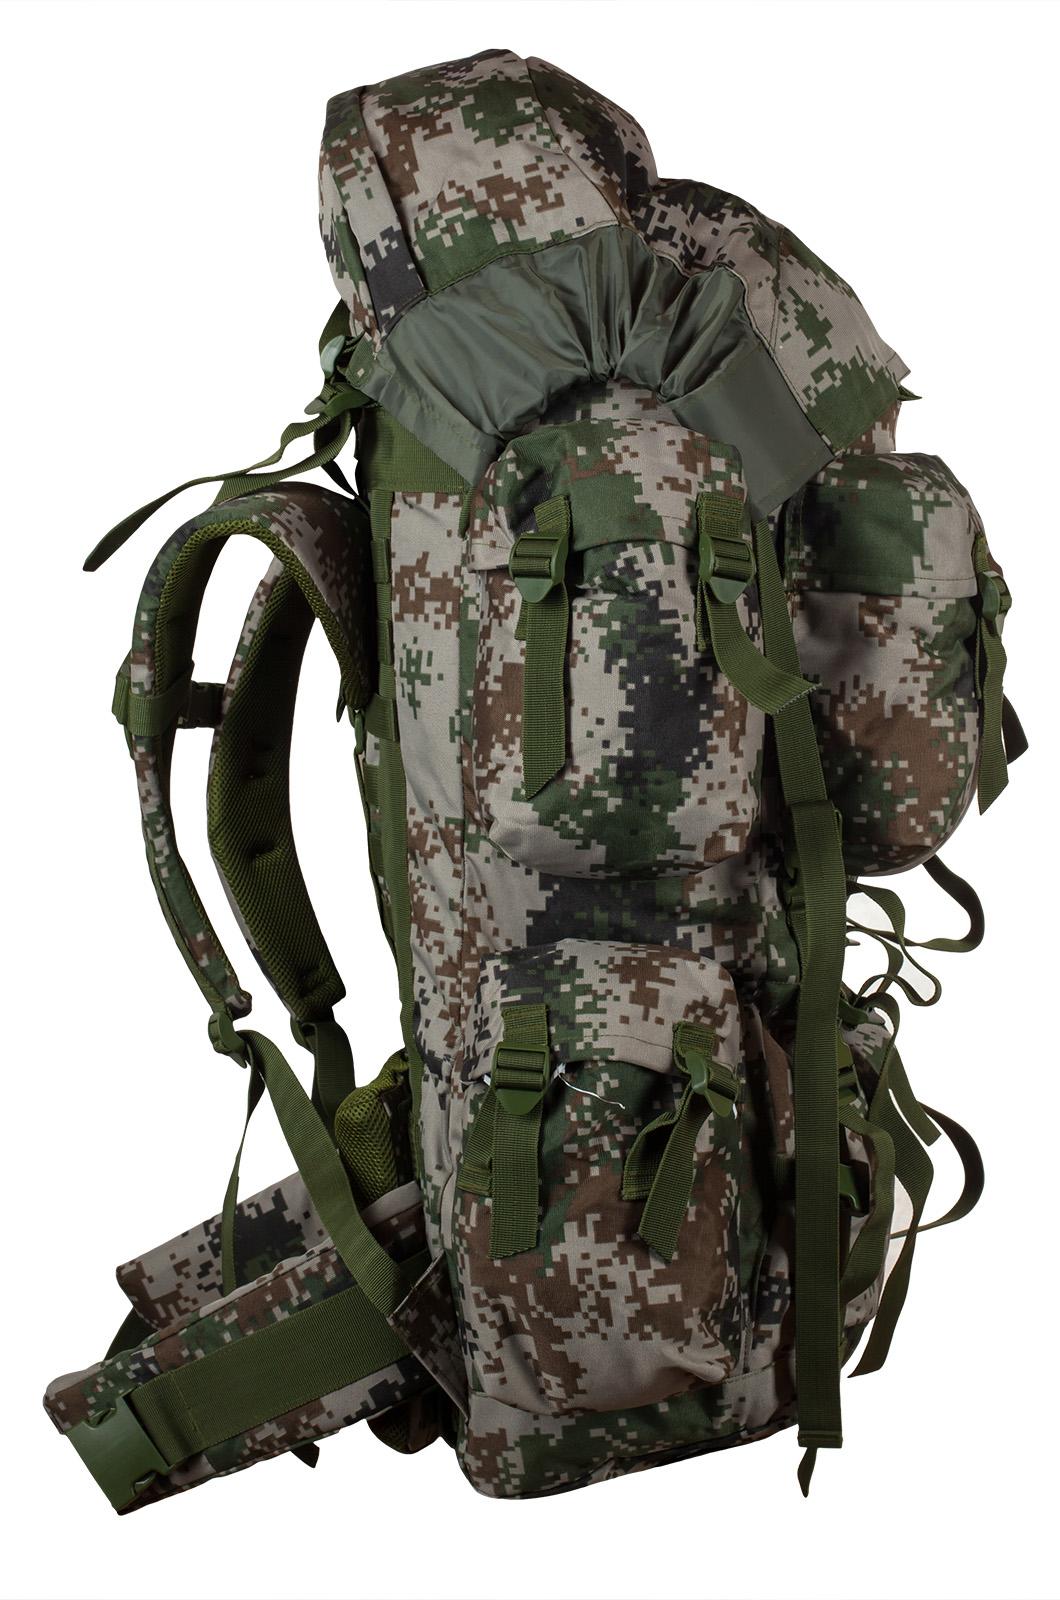 охотничий вместительный рюкзак с нашивкой Ни Пуха ни Пера - купить оптом